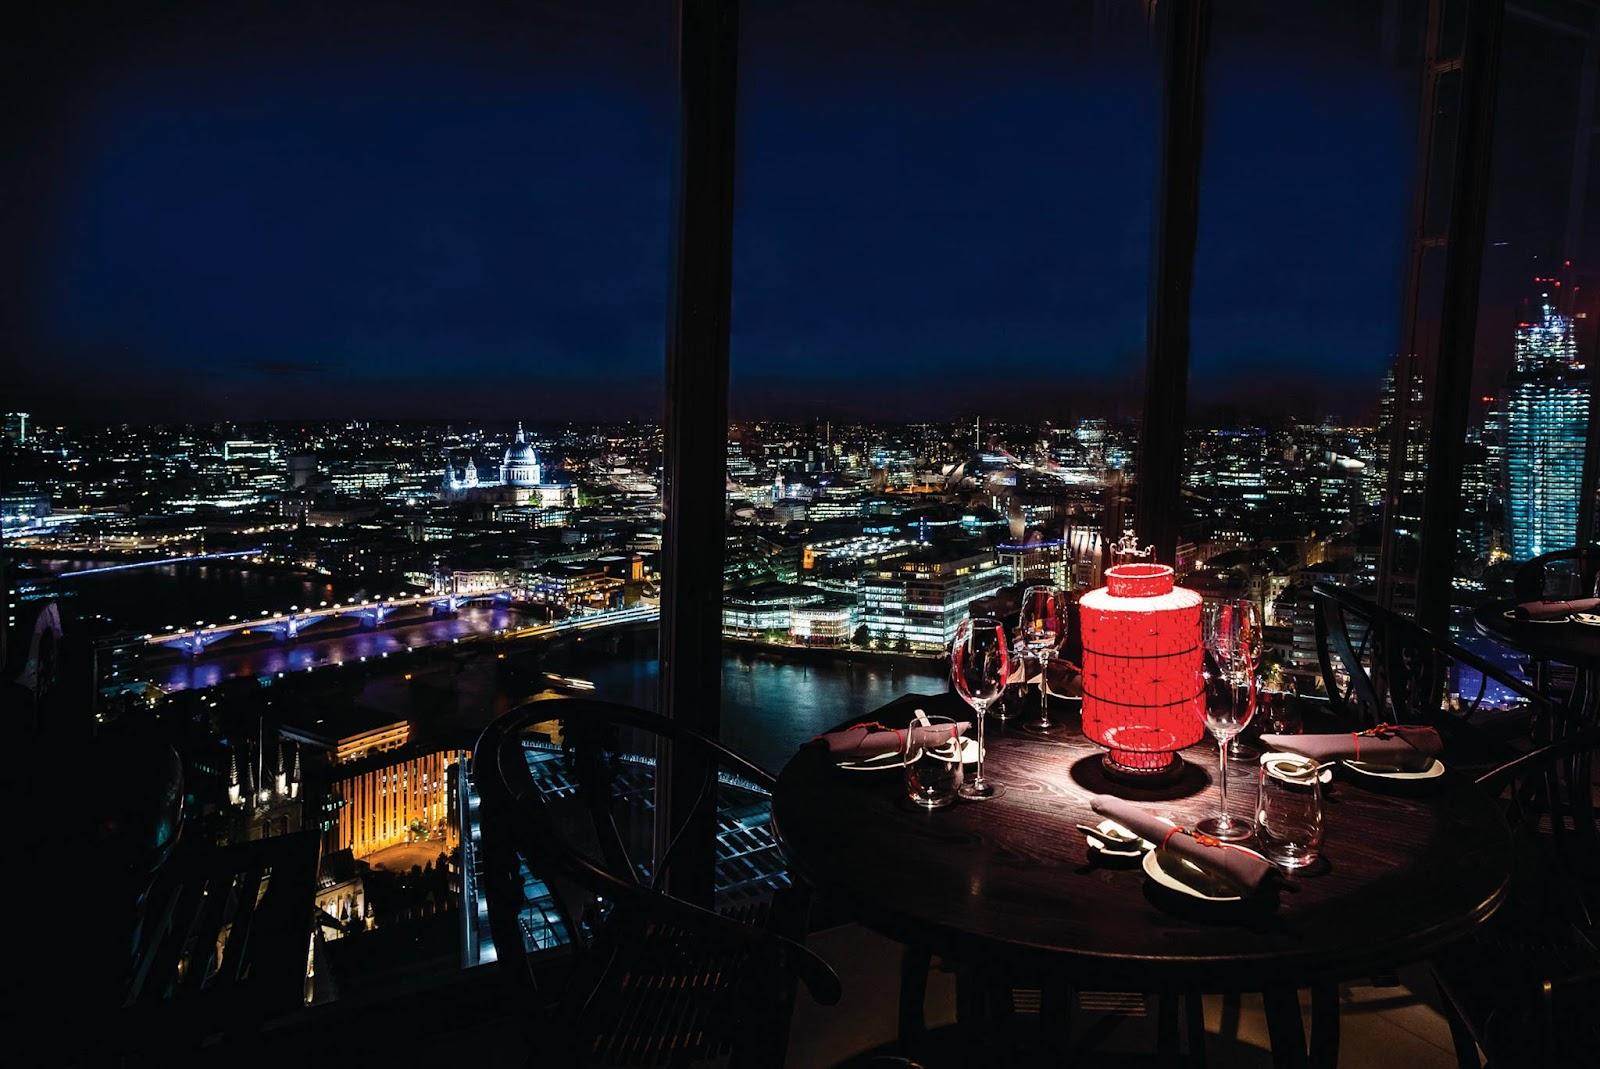 11 romantic restaurants for date night in london 11 Romantic Restaurants for Date Night in London Nl5276LasROKComCLwtbrZ1LbcoD34AArkdXjV 7q3Op4pI6clym2nH lFlSkHDjbCIj3cO7Bto3c7I6zOqD787u0c61JtkTjAVZwsryM 1tO08jRyoaWpqDgsA24 95ww